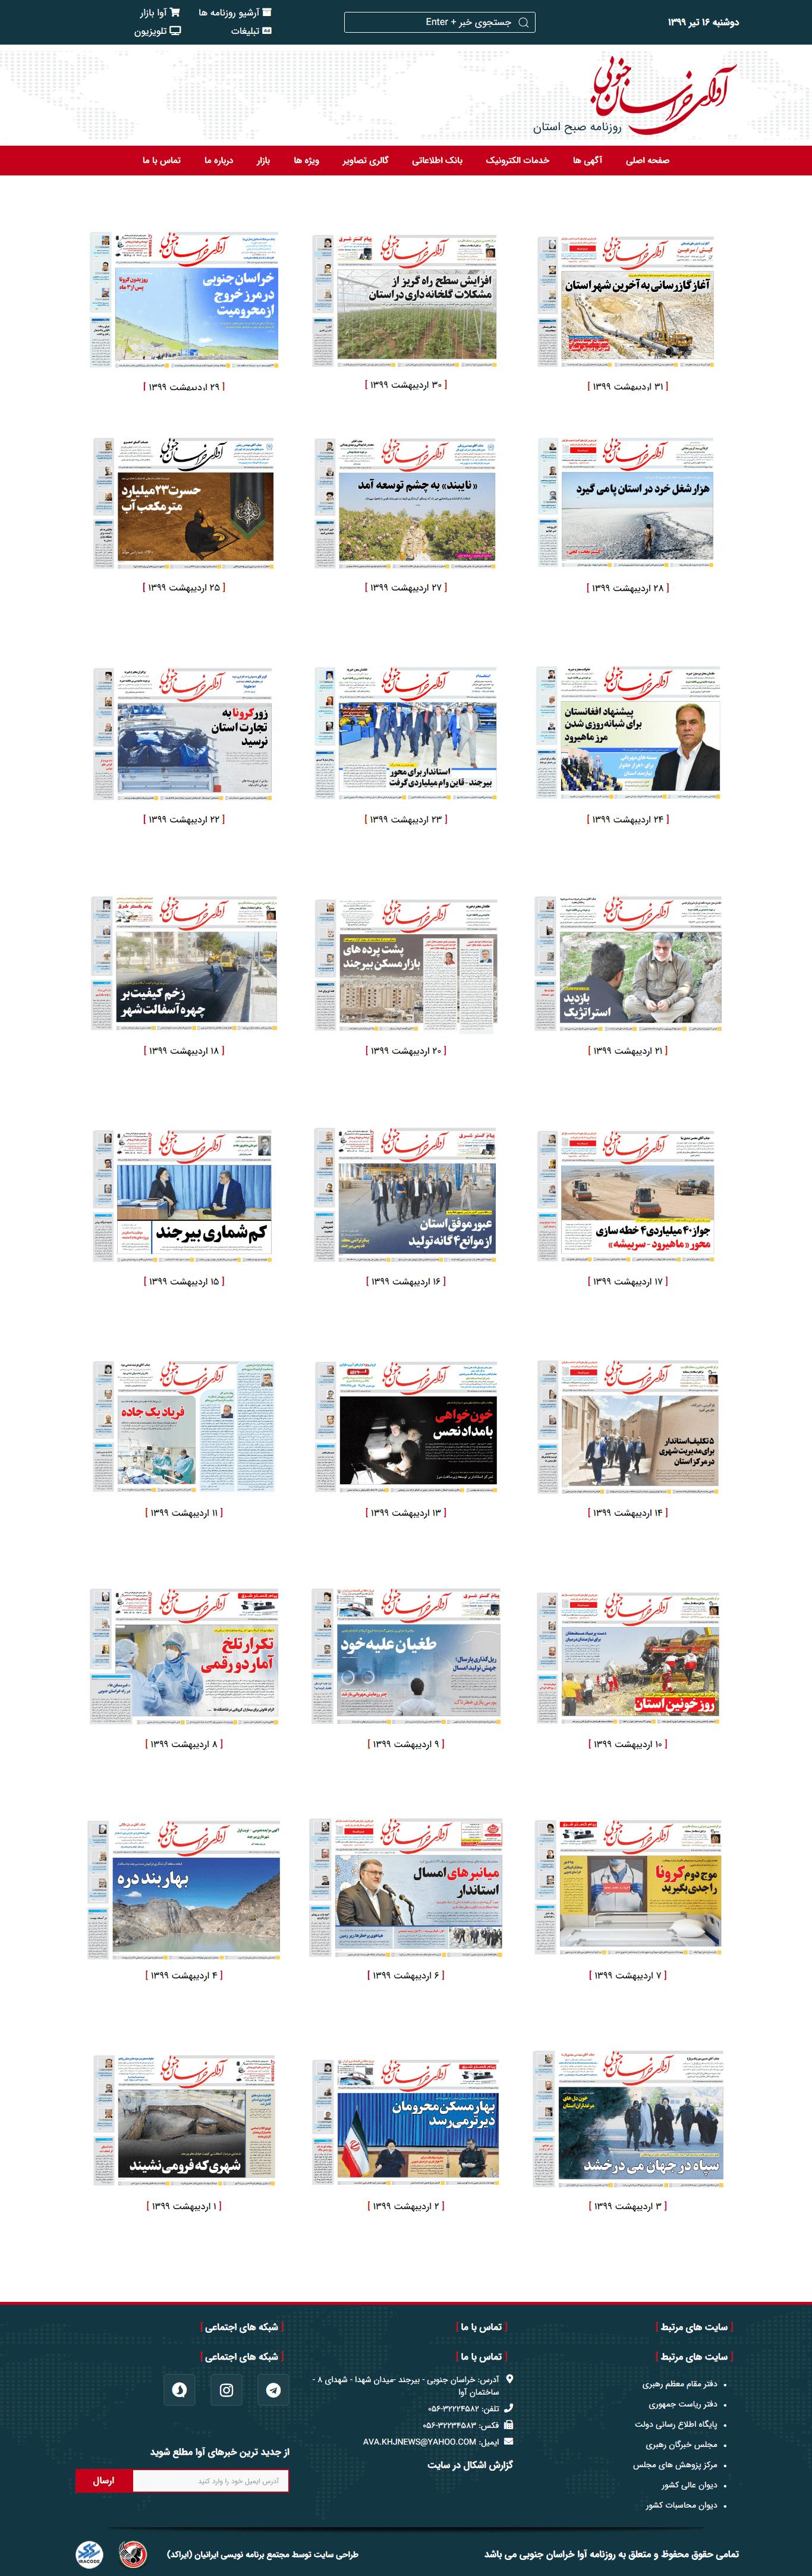 صفحه اصلی روزنامه آوای خراسان جنوبی